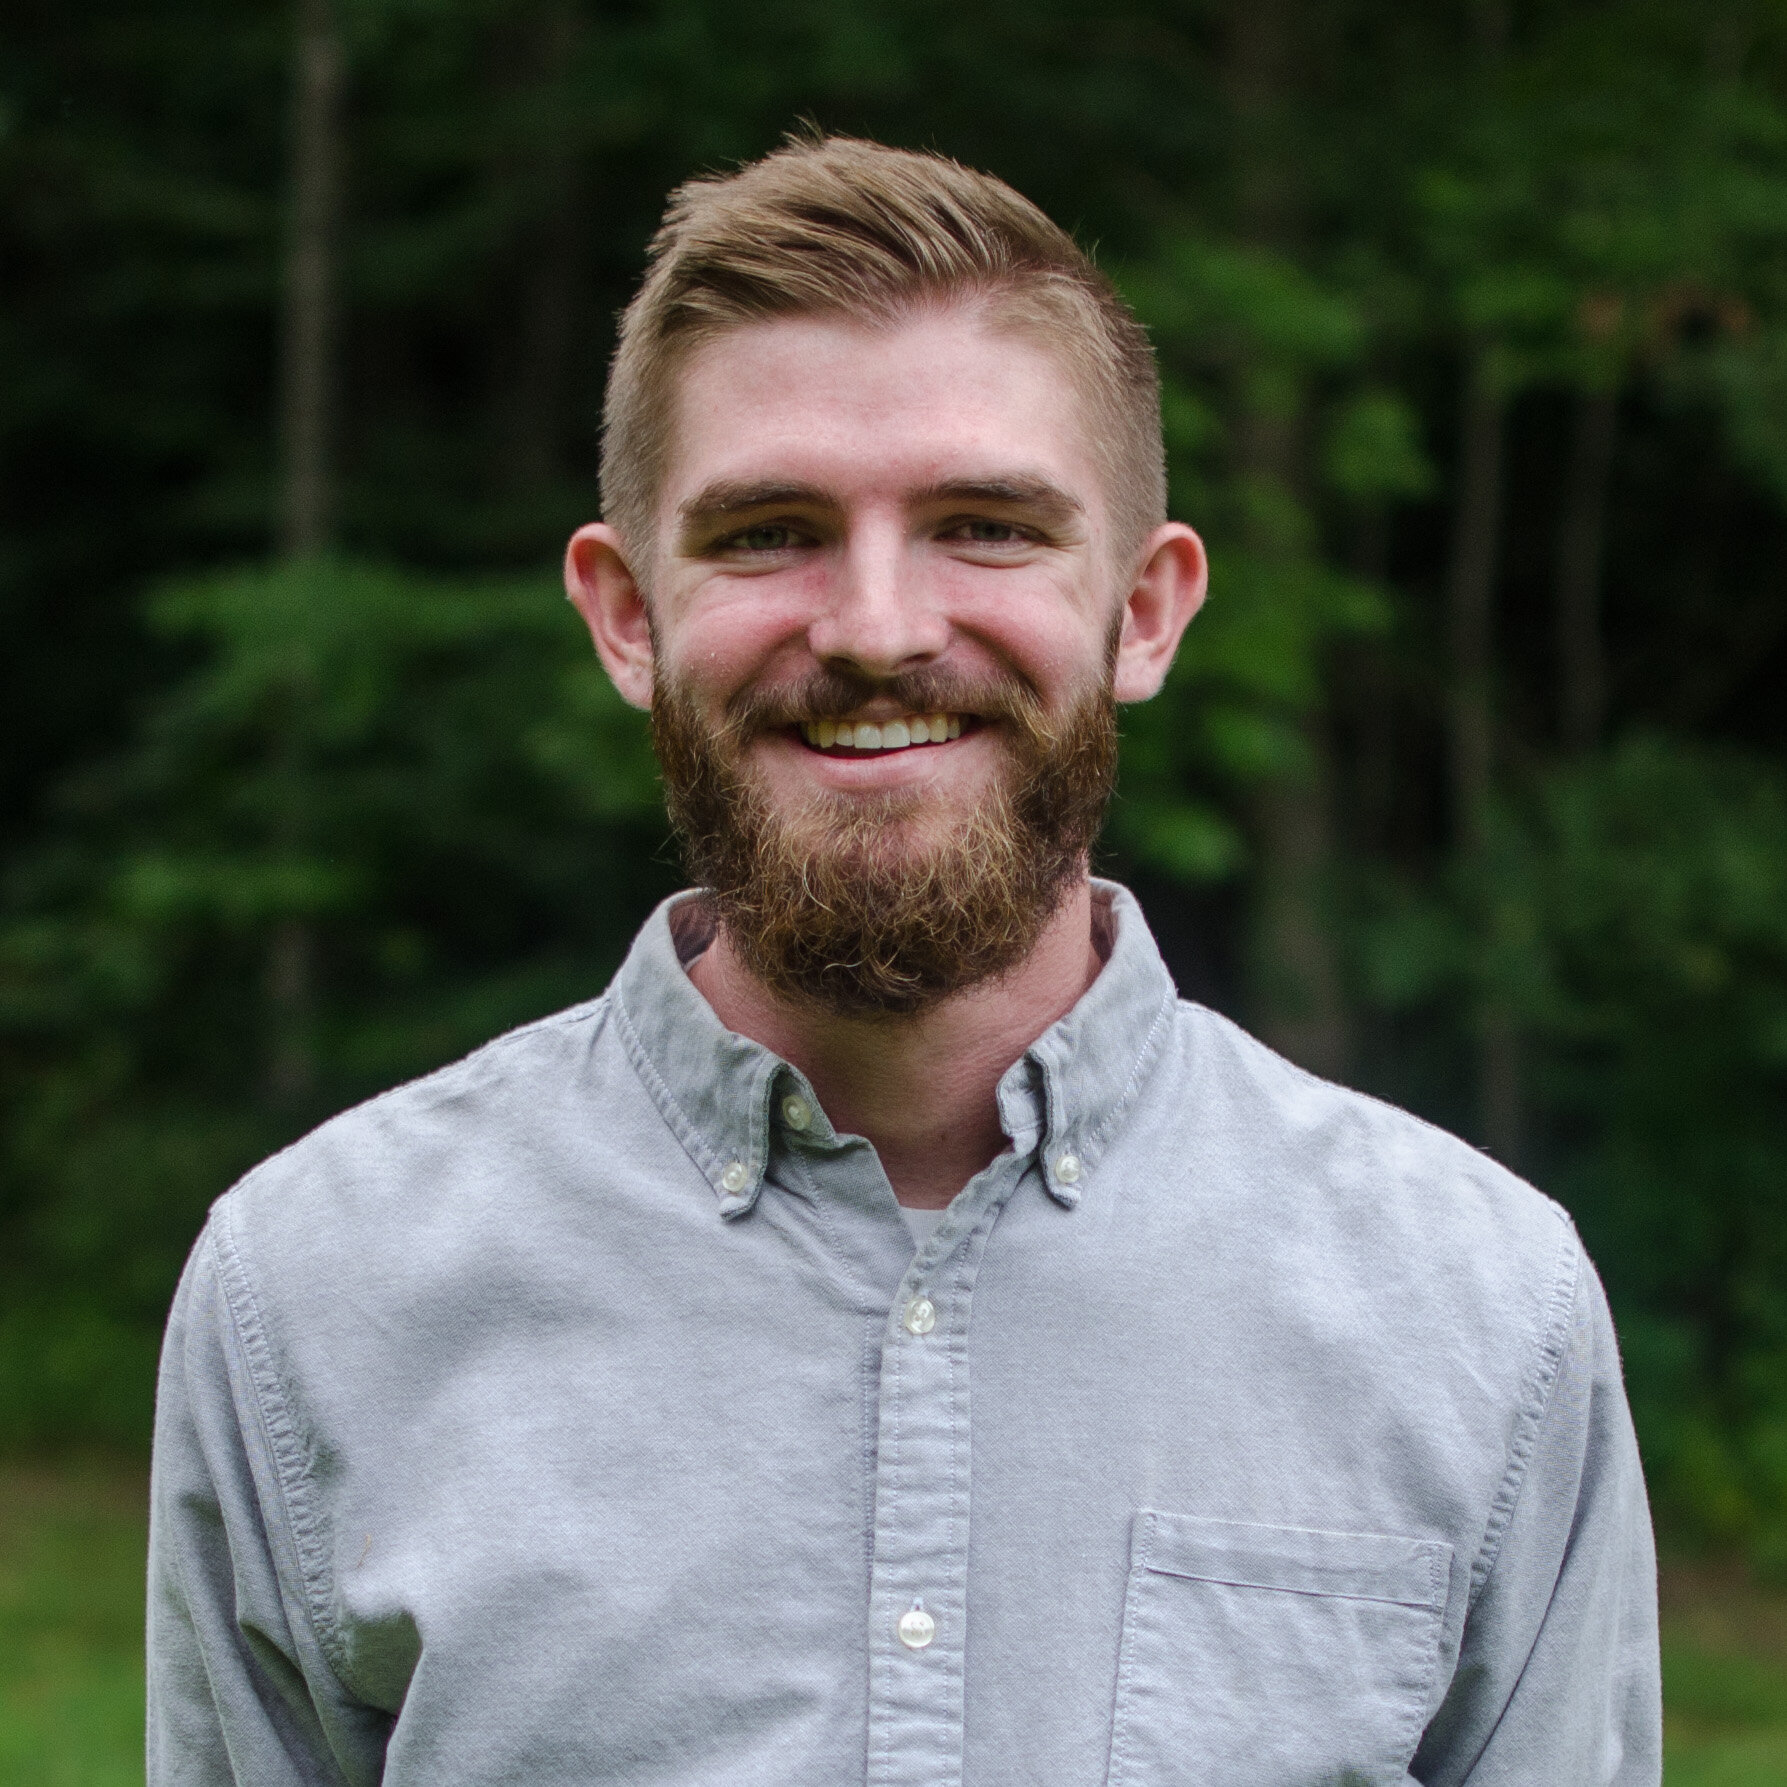 Zach Perkins - Campus Staff